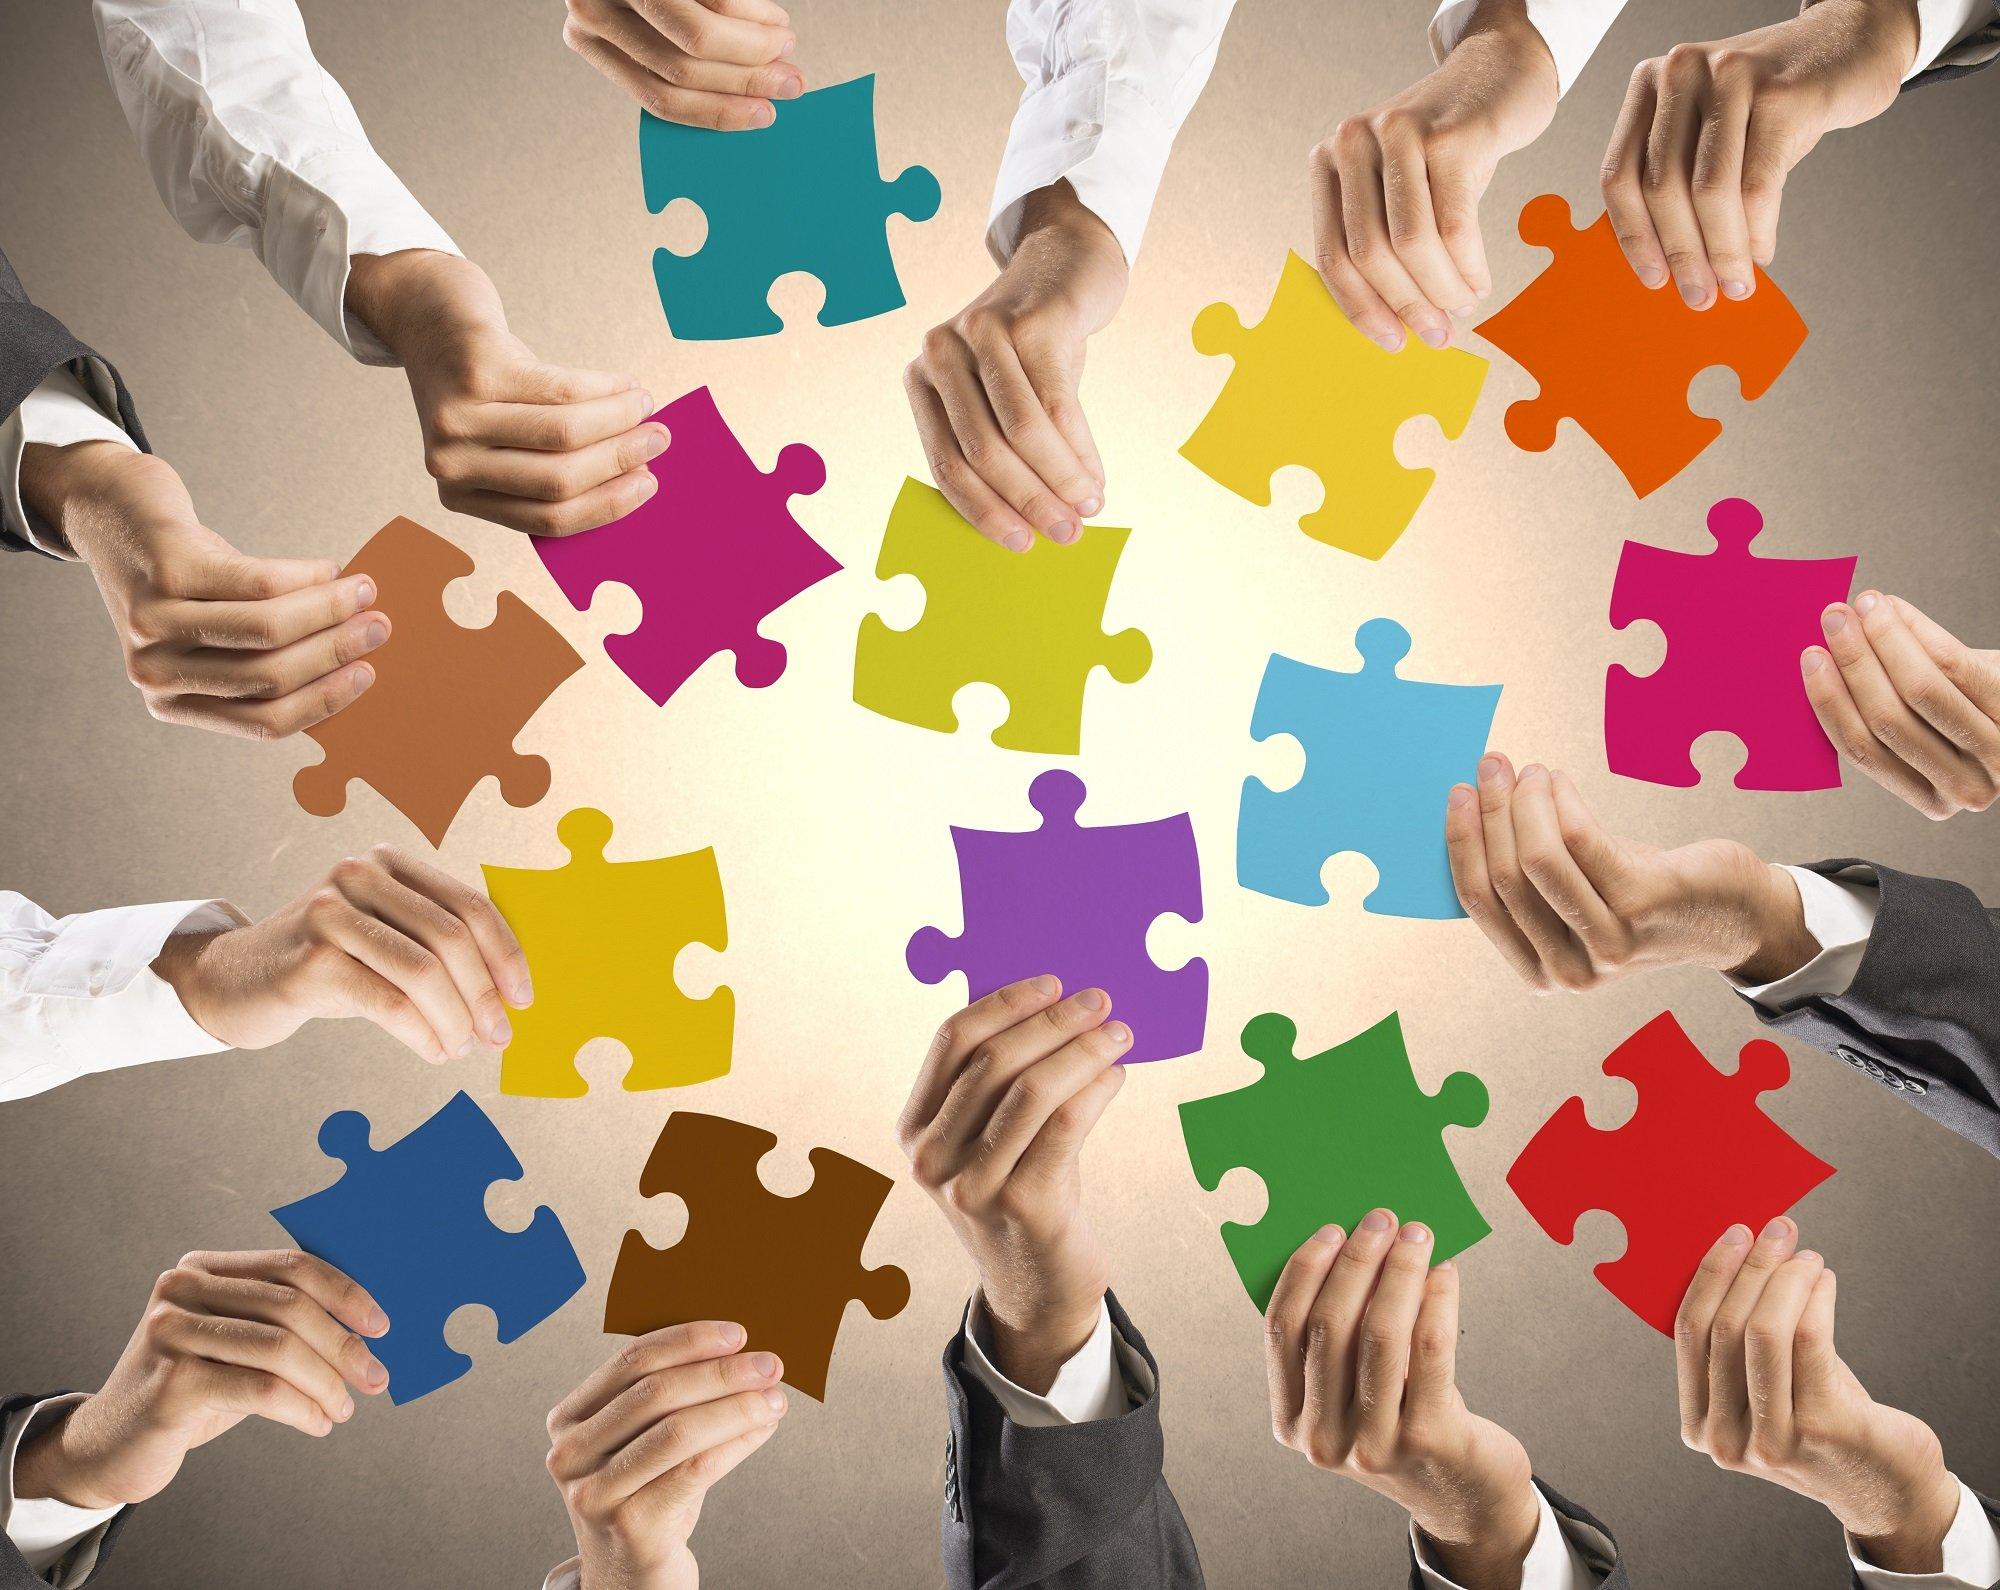 agile transformation outcomes